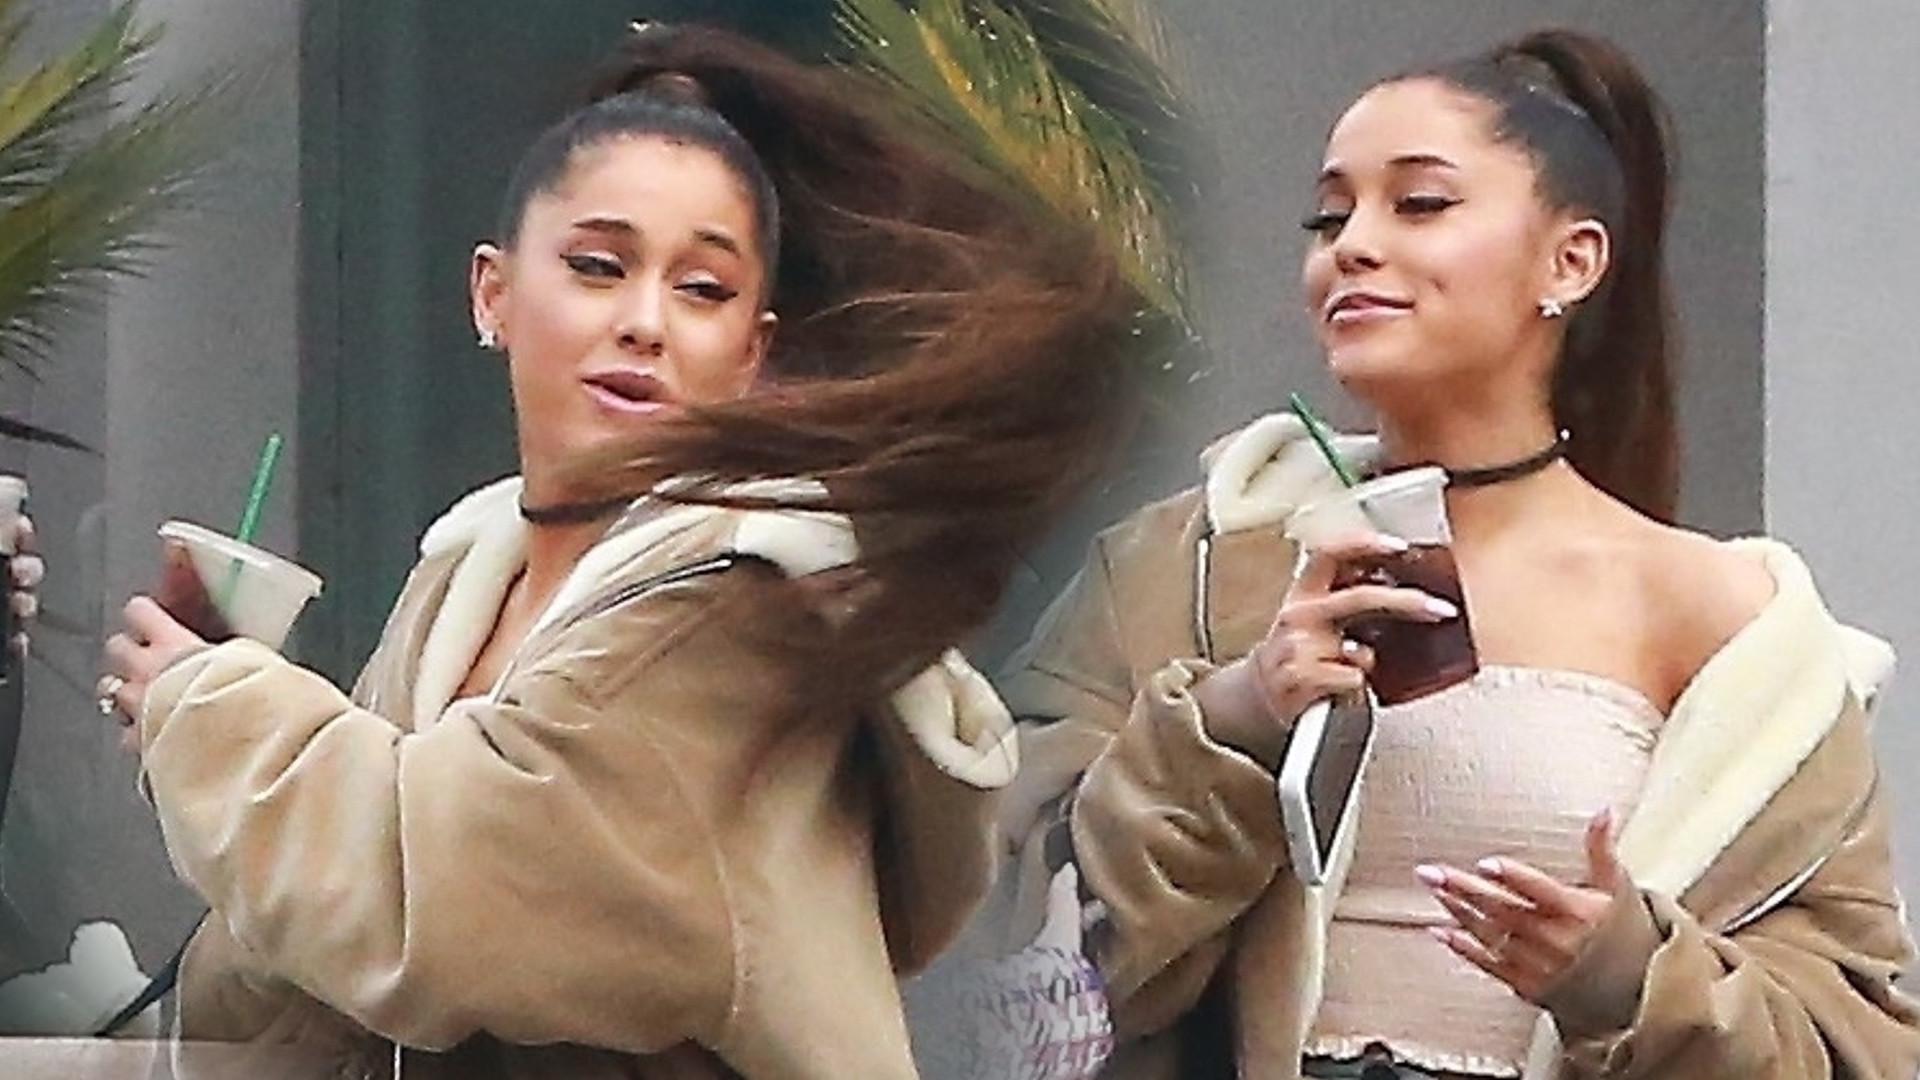 Kupujcie DUŻO gumek – Ariana Grande lansuje nową fryzurę (ZDJĘCIA)